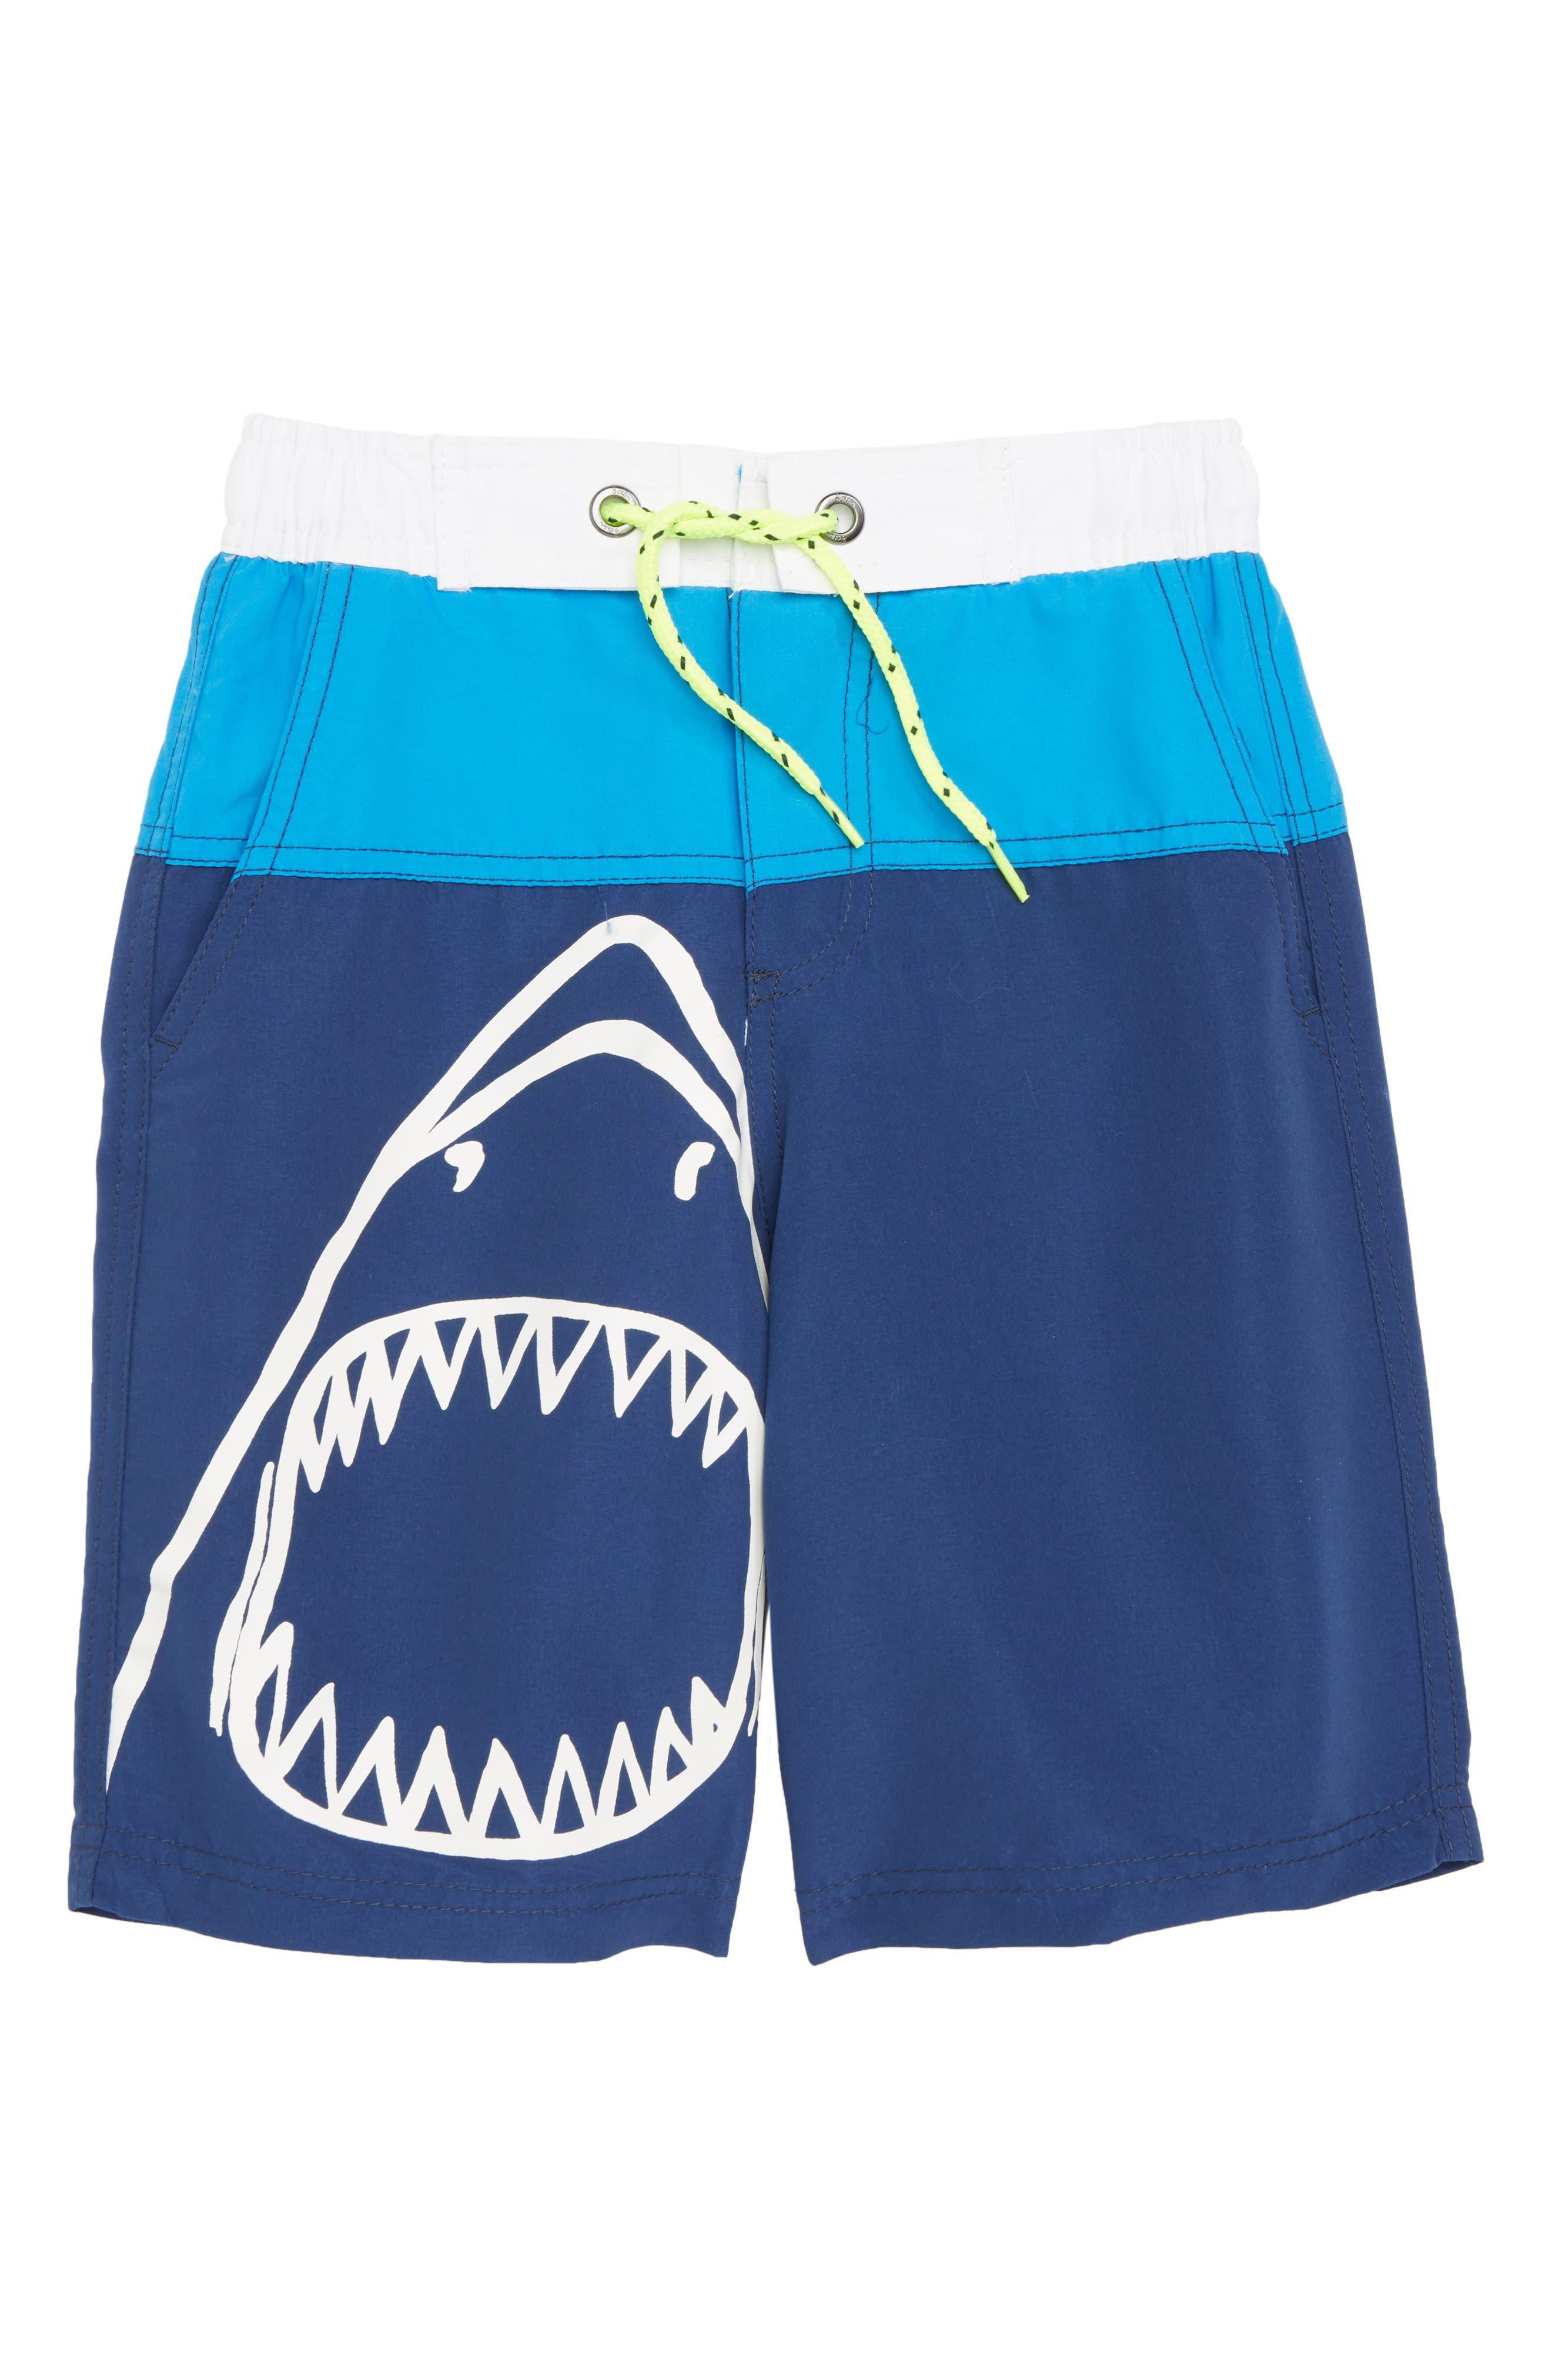 Shark Board Shorts,                         Main,                         color, 414